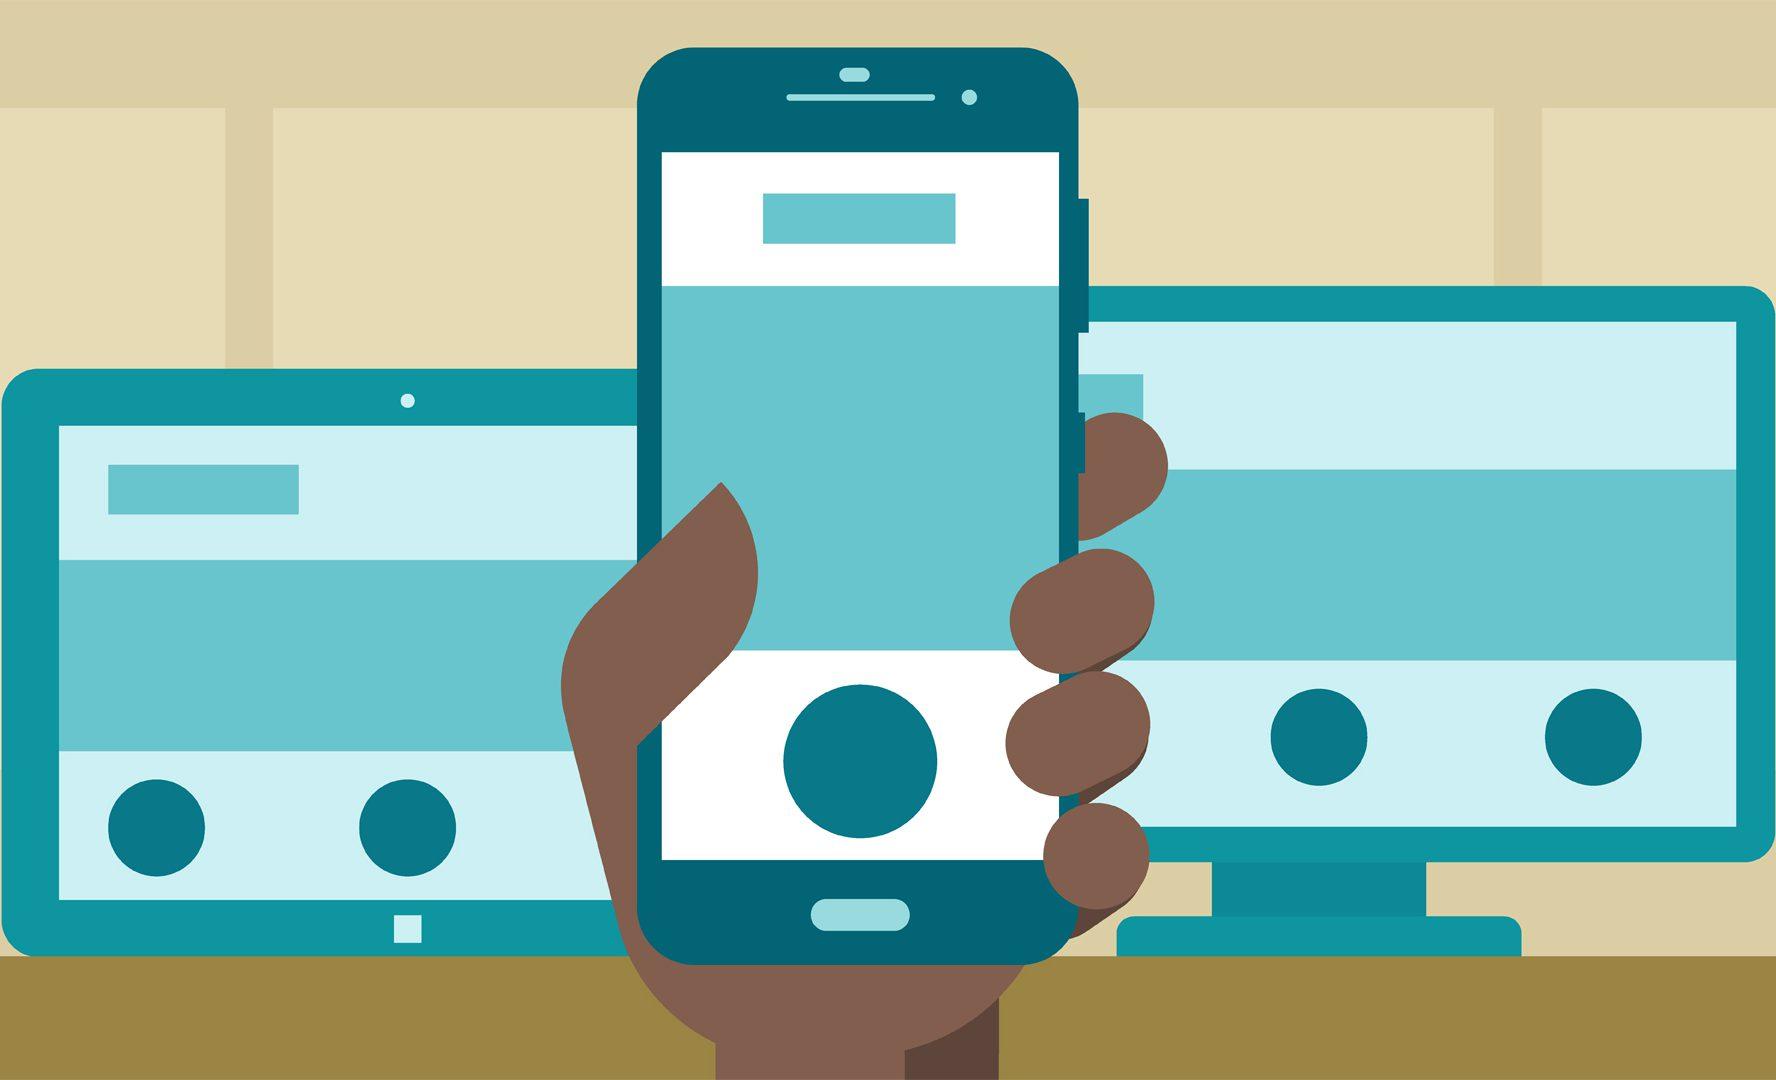 Thiết kế website cho Mobile: 10 giao diện thú vị nhất